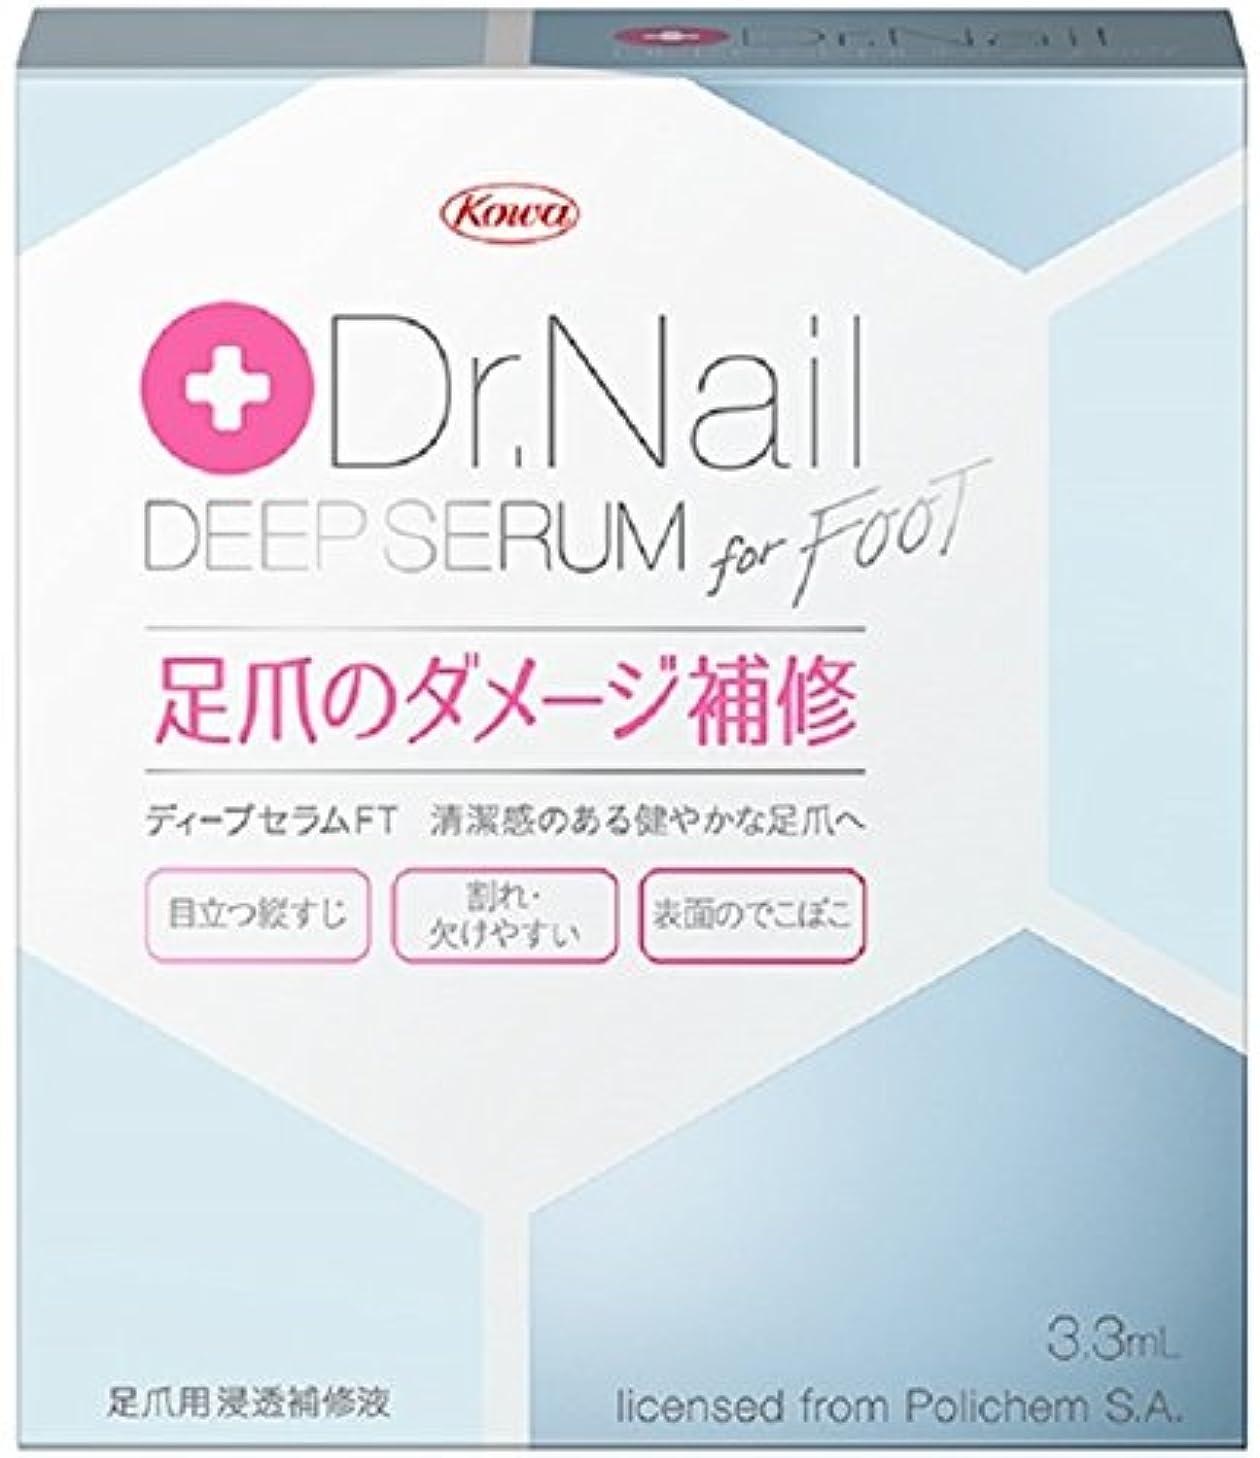 スムーズに死んでいる遅滞興和(コーワ) Dr.Nail DEEP SERUM for FOOT ドクターネイル ディープセラム 足爪用 3.3ml